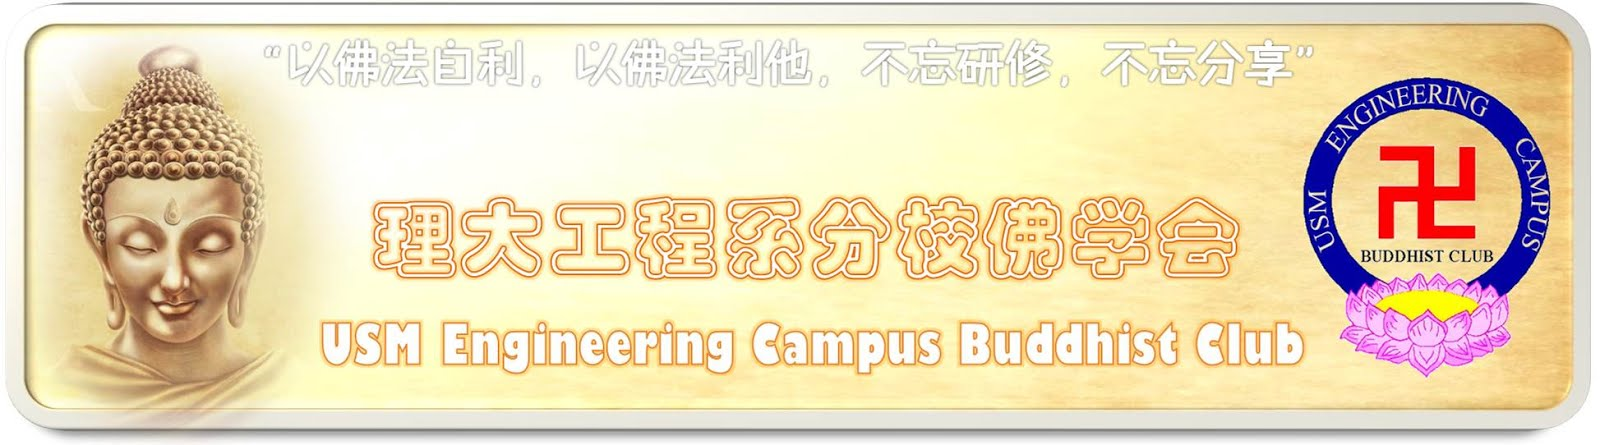 理大工程系分校 佛學會 USM Buddhist Club